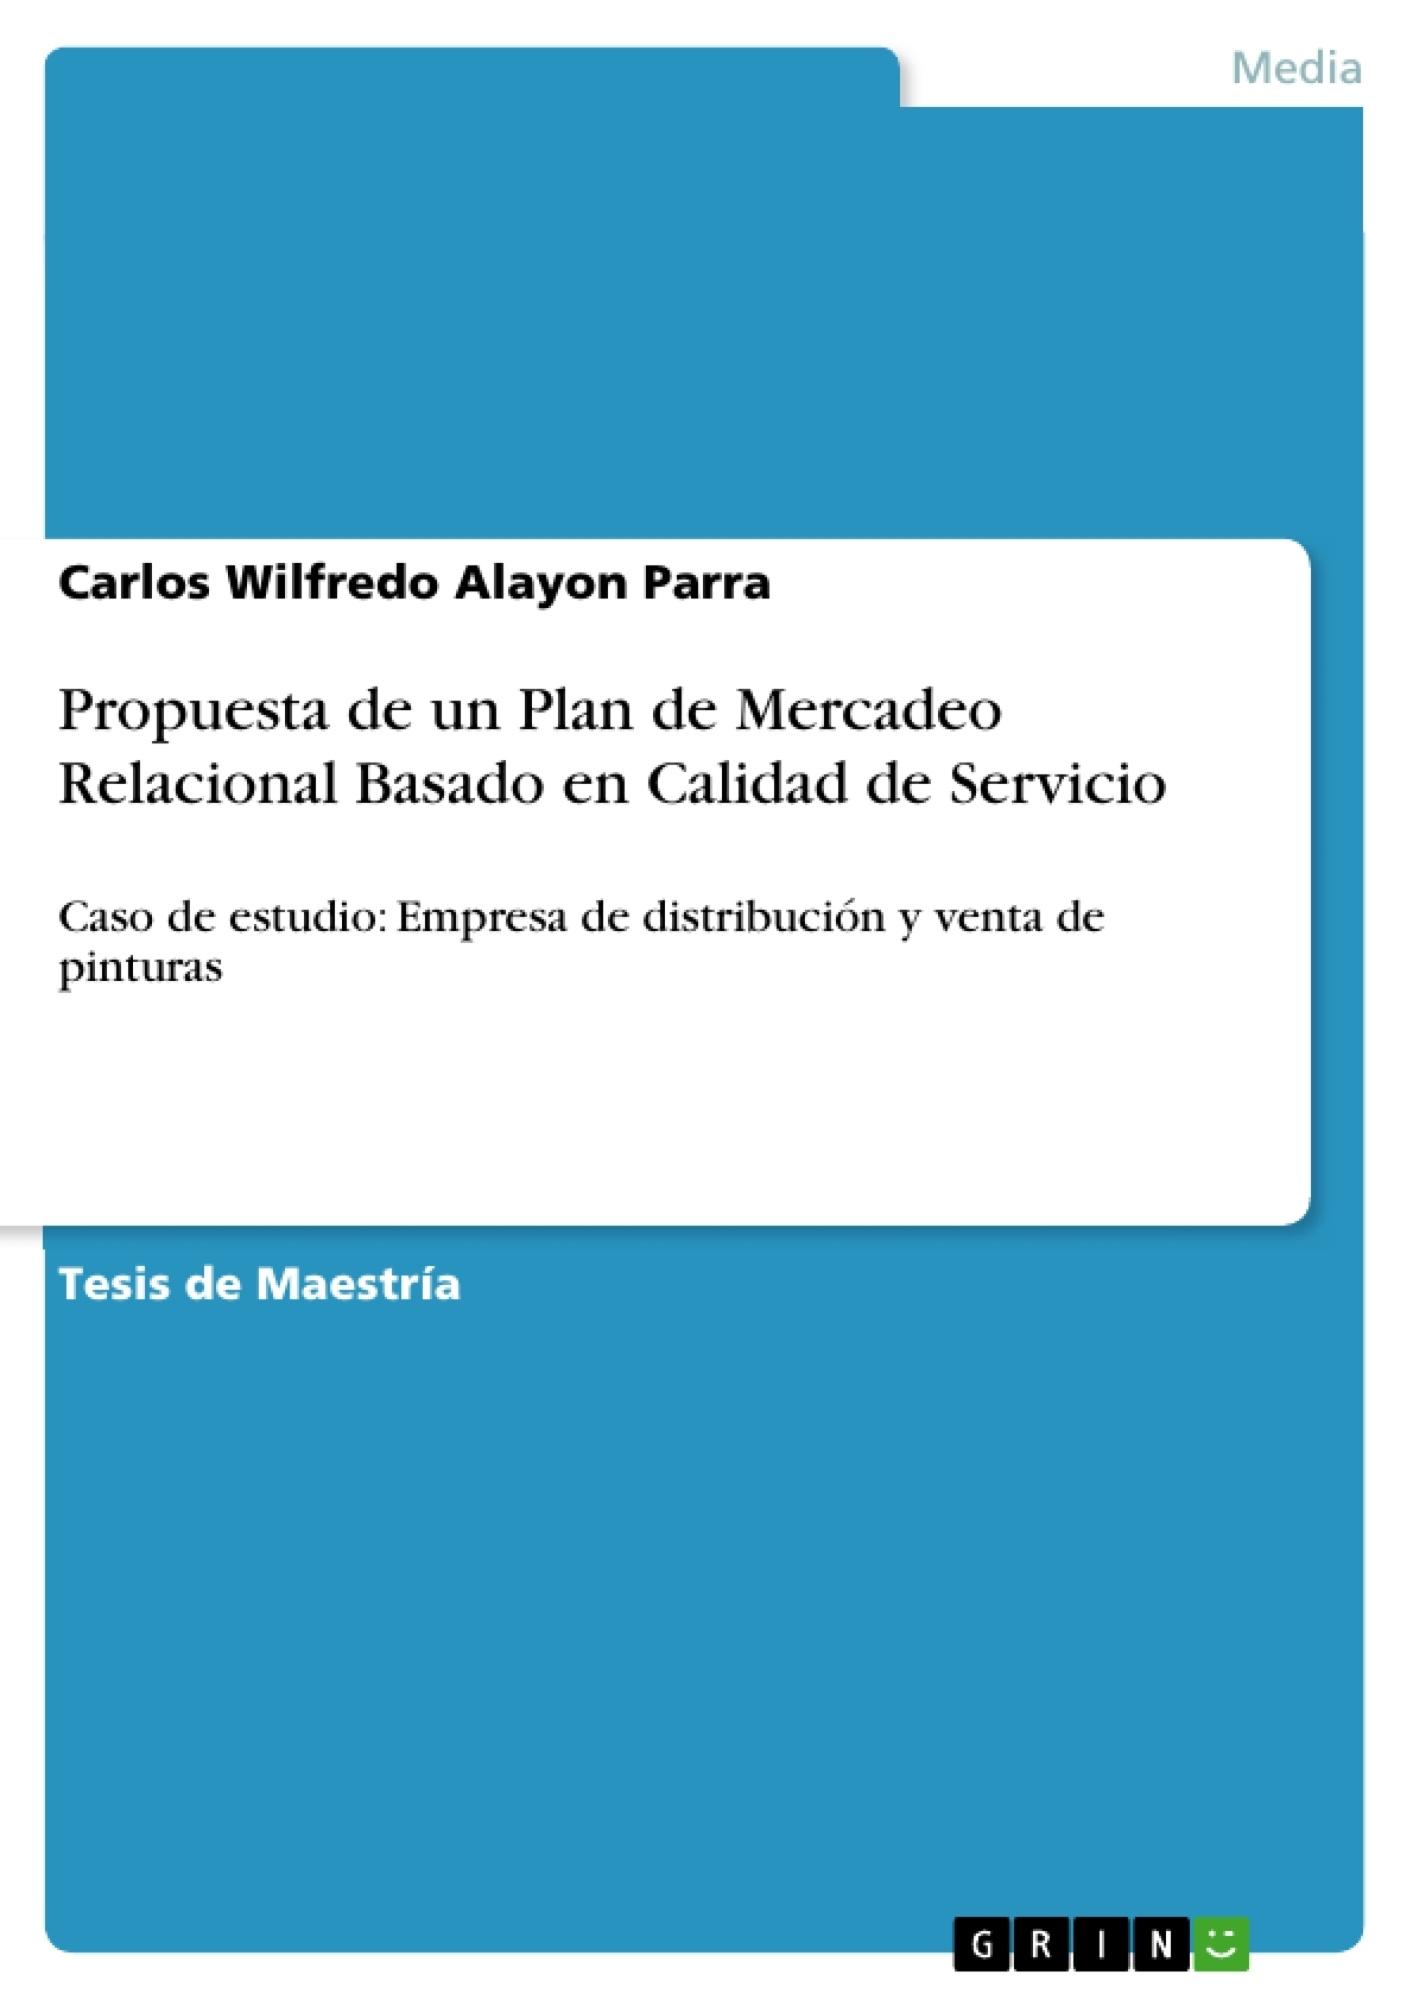 Título: Propuesta de un Plan de Mercadeo Relacional Basado en Calidad de Servicio